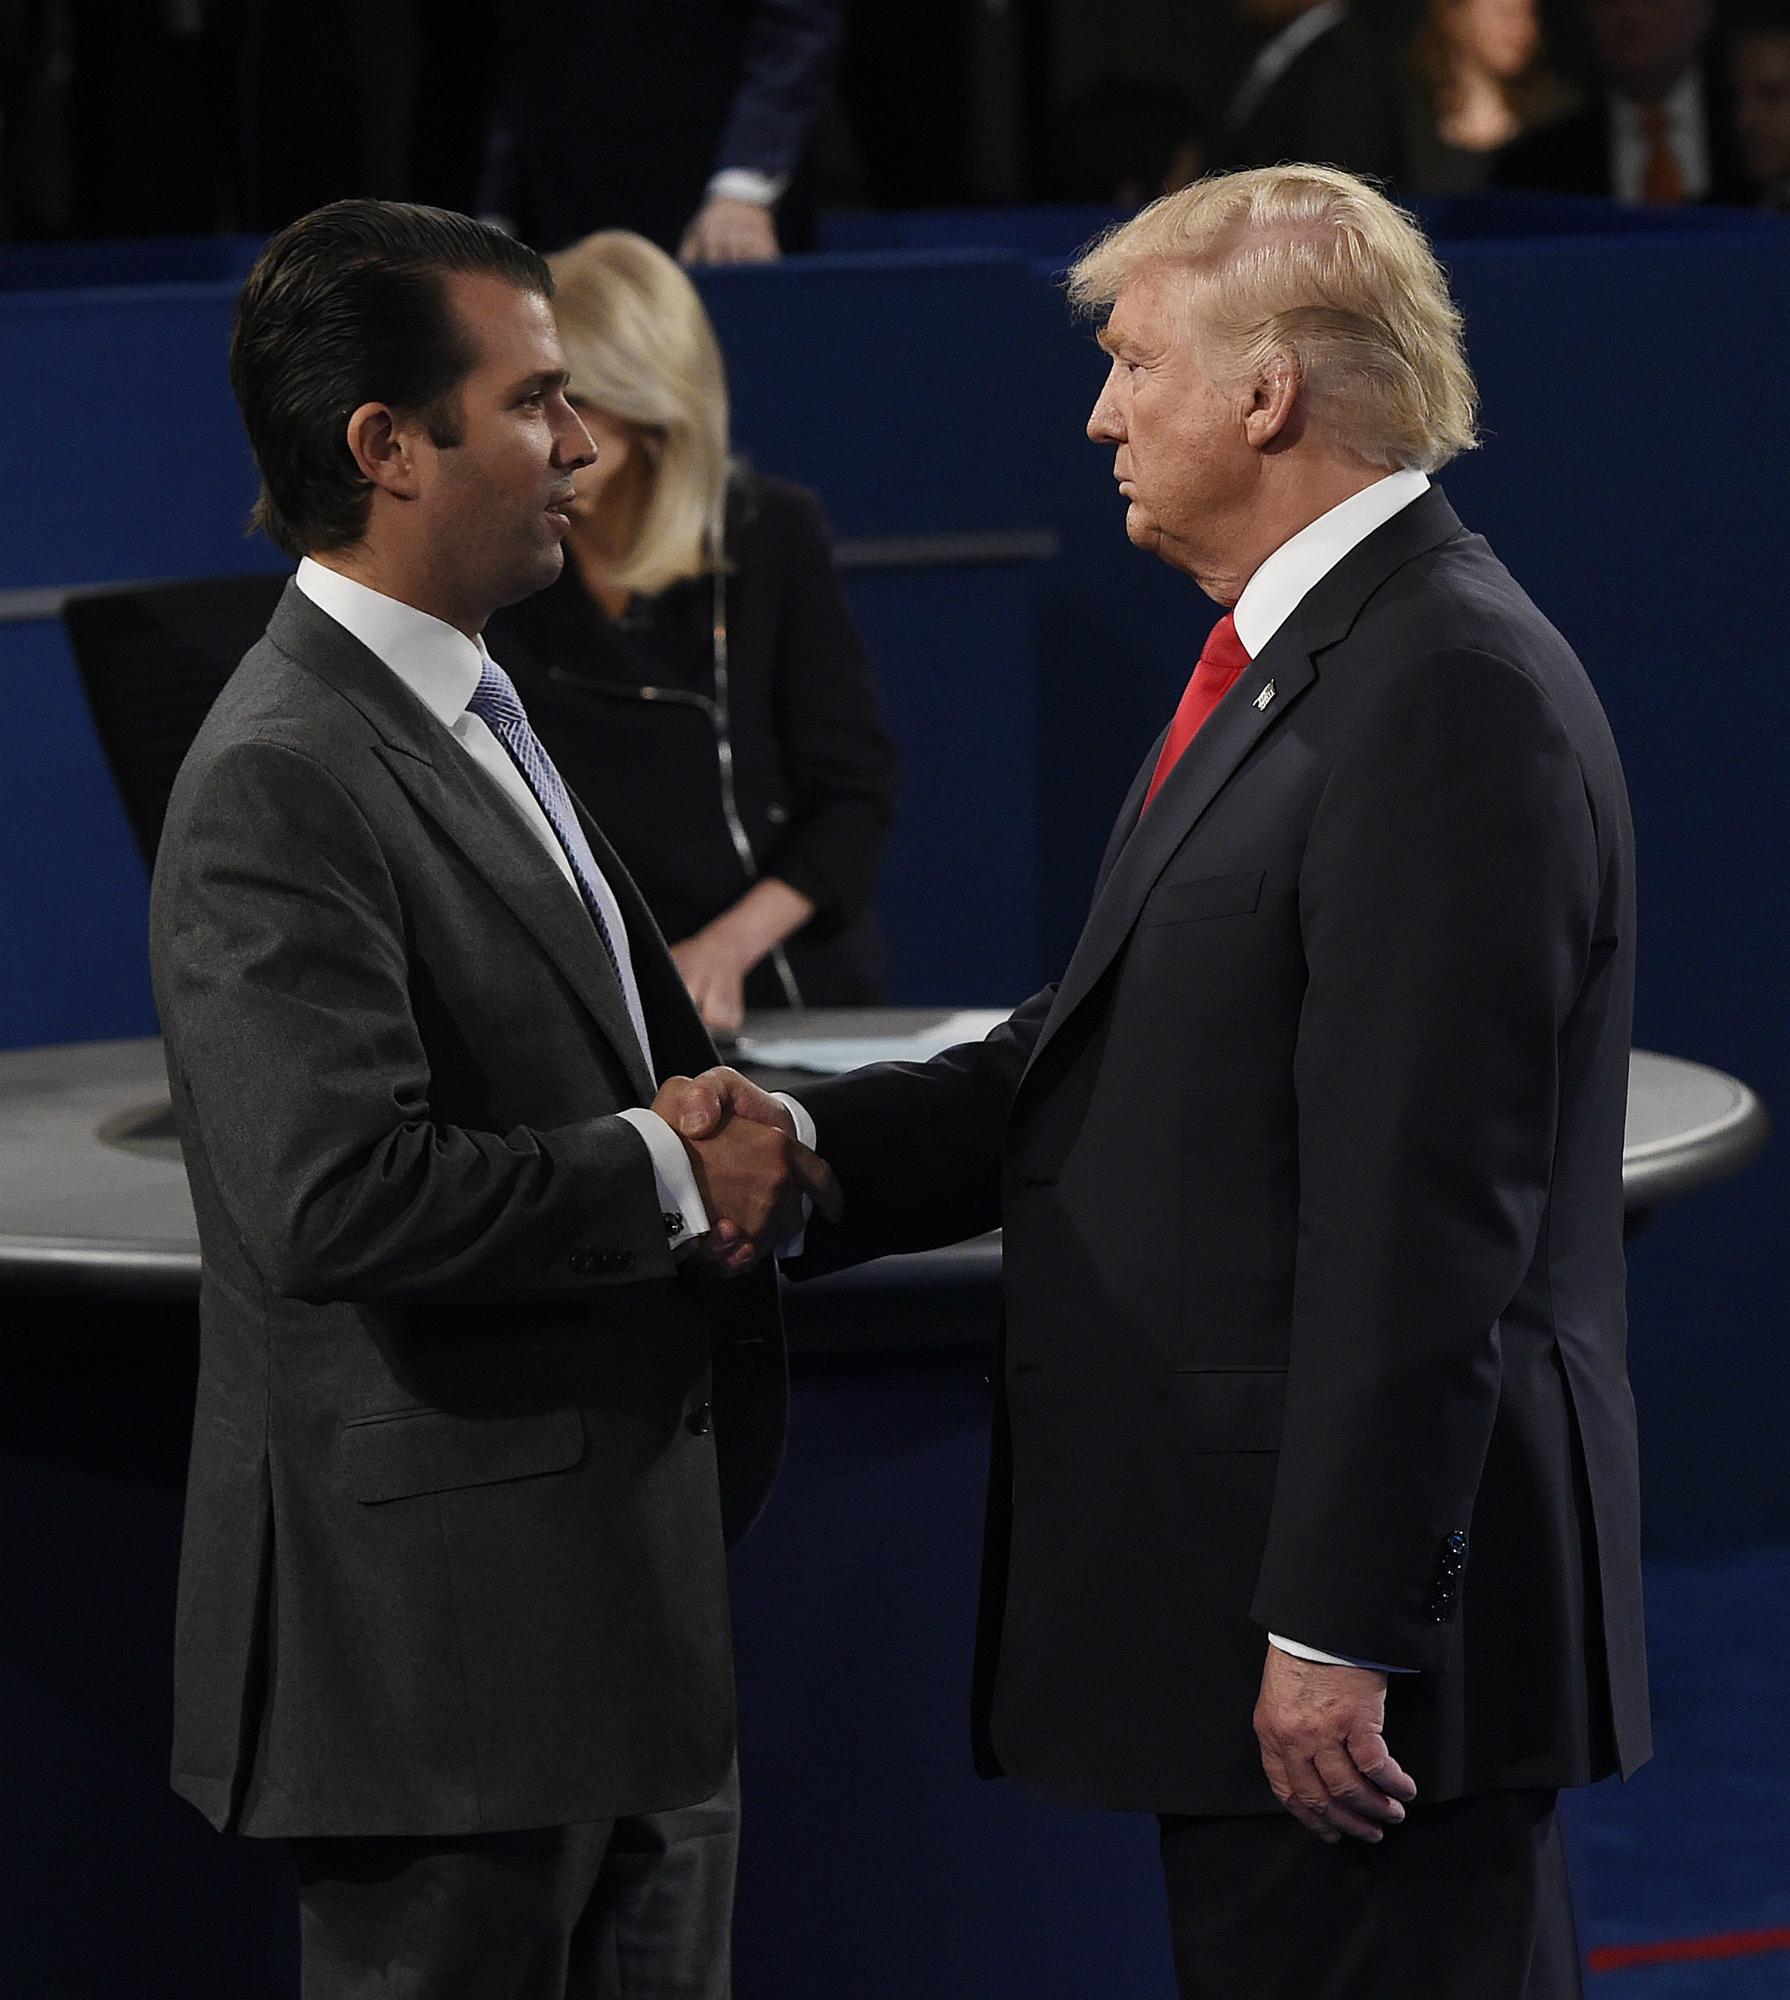 Donald Trump ha estado muy respaldado por su hijo mayor, Donald Jr. EFE/EPA/SAUL LOEB